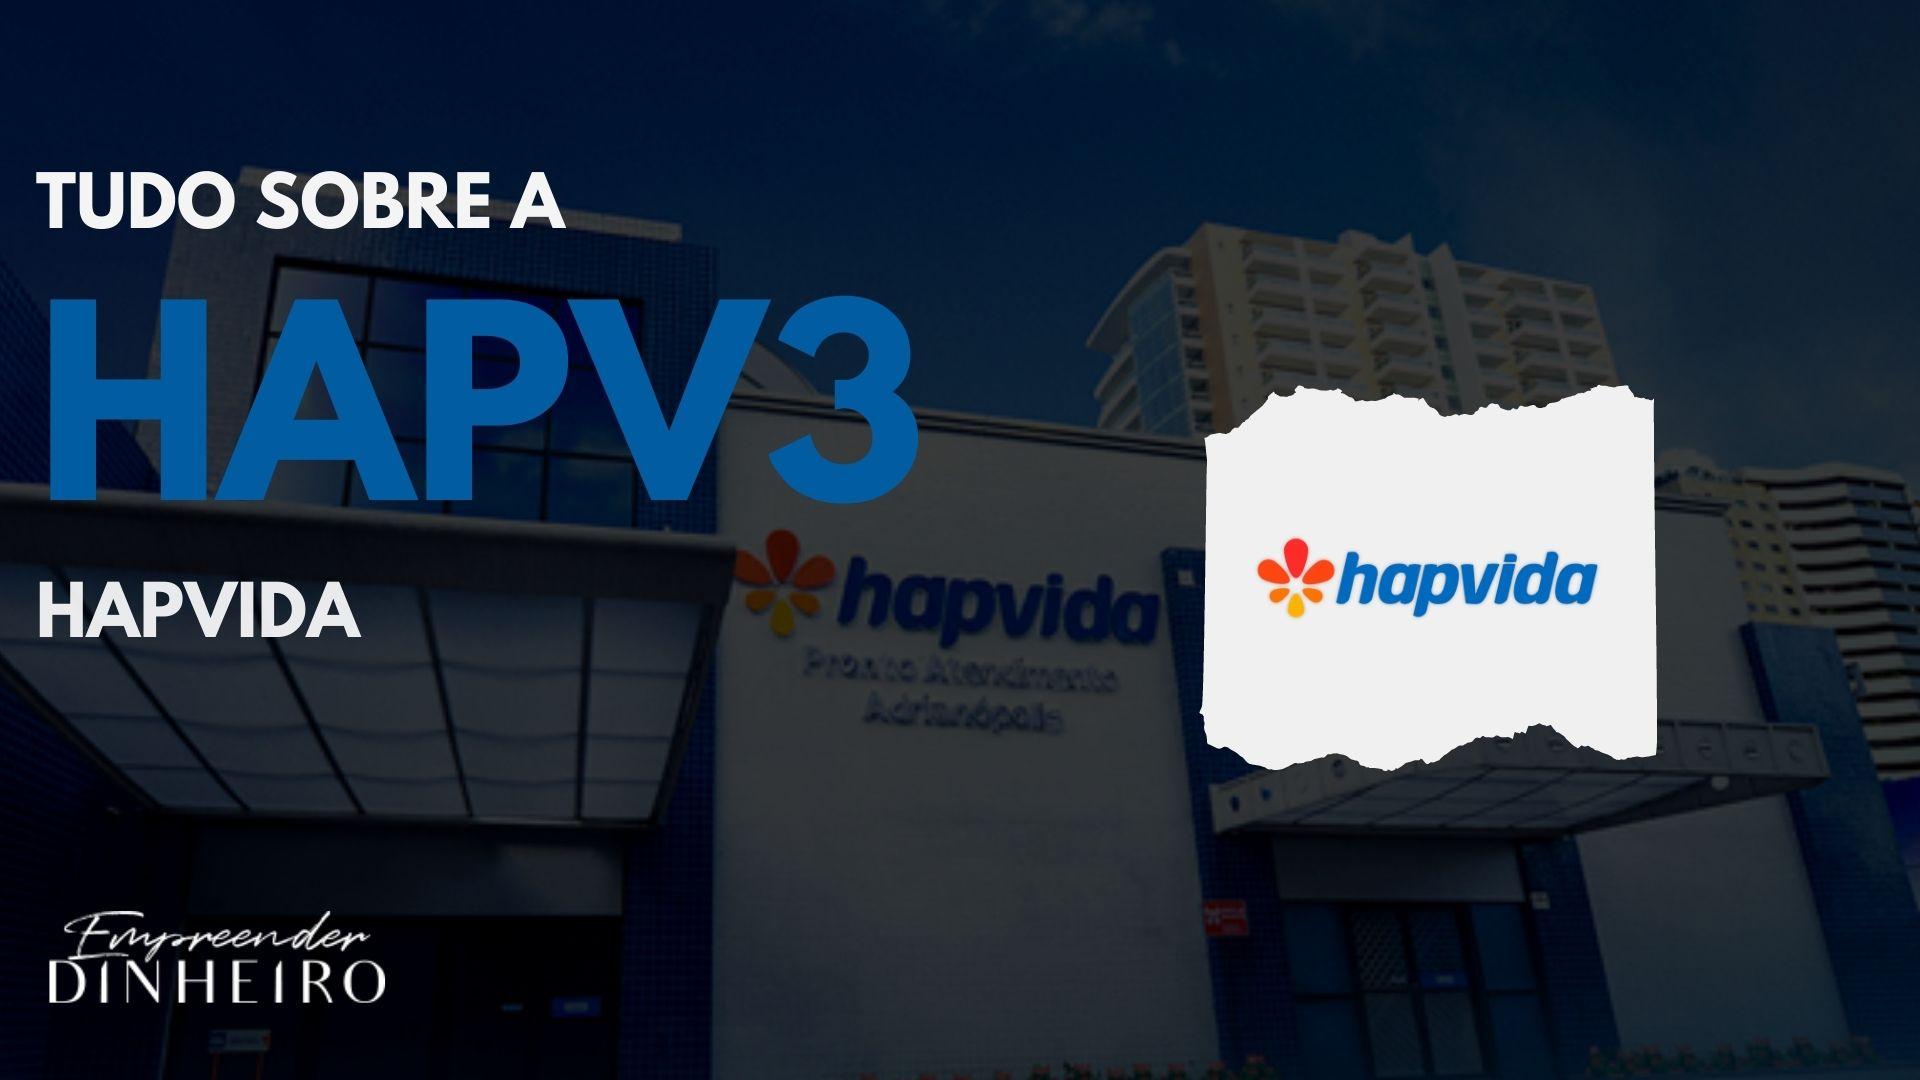 HAPV3